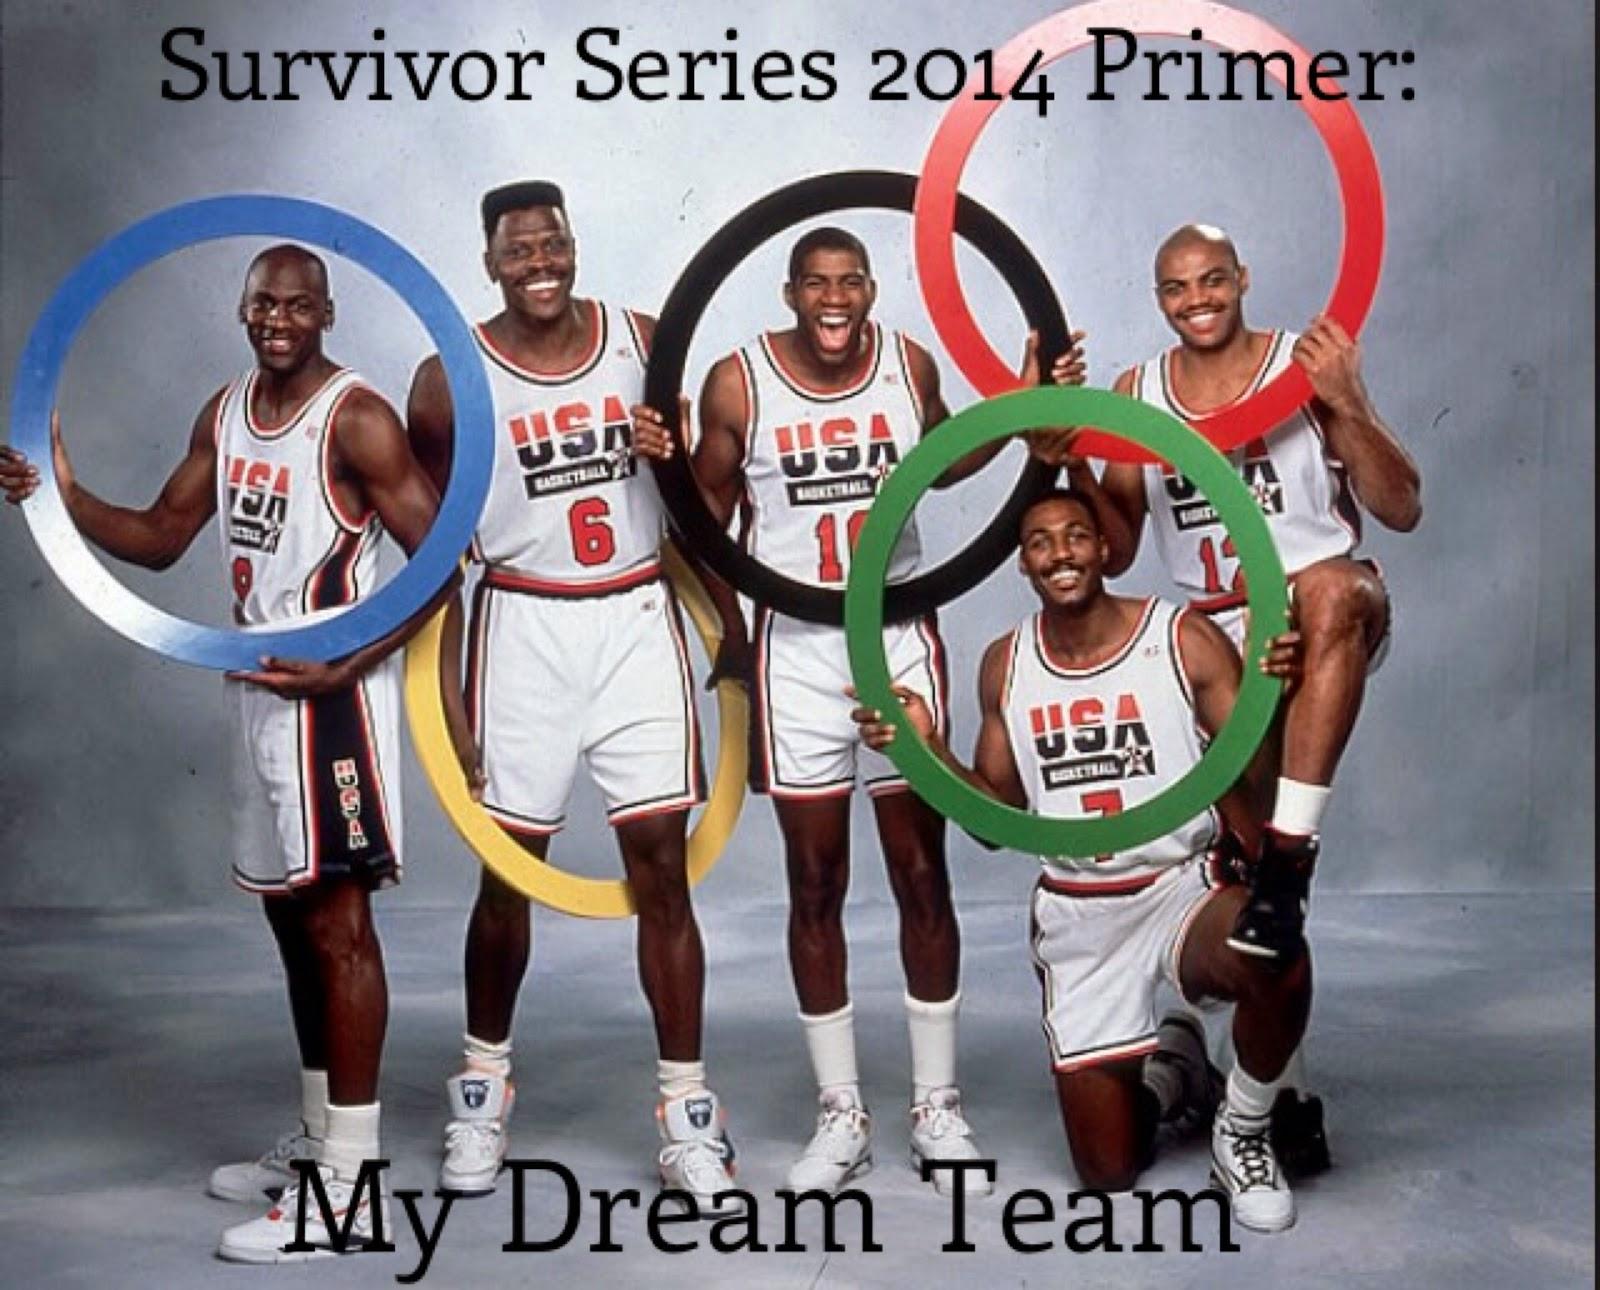 Wwe Survivor Series Dream Teams Survivor Series is The Wwe's